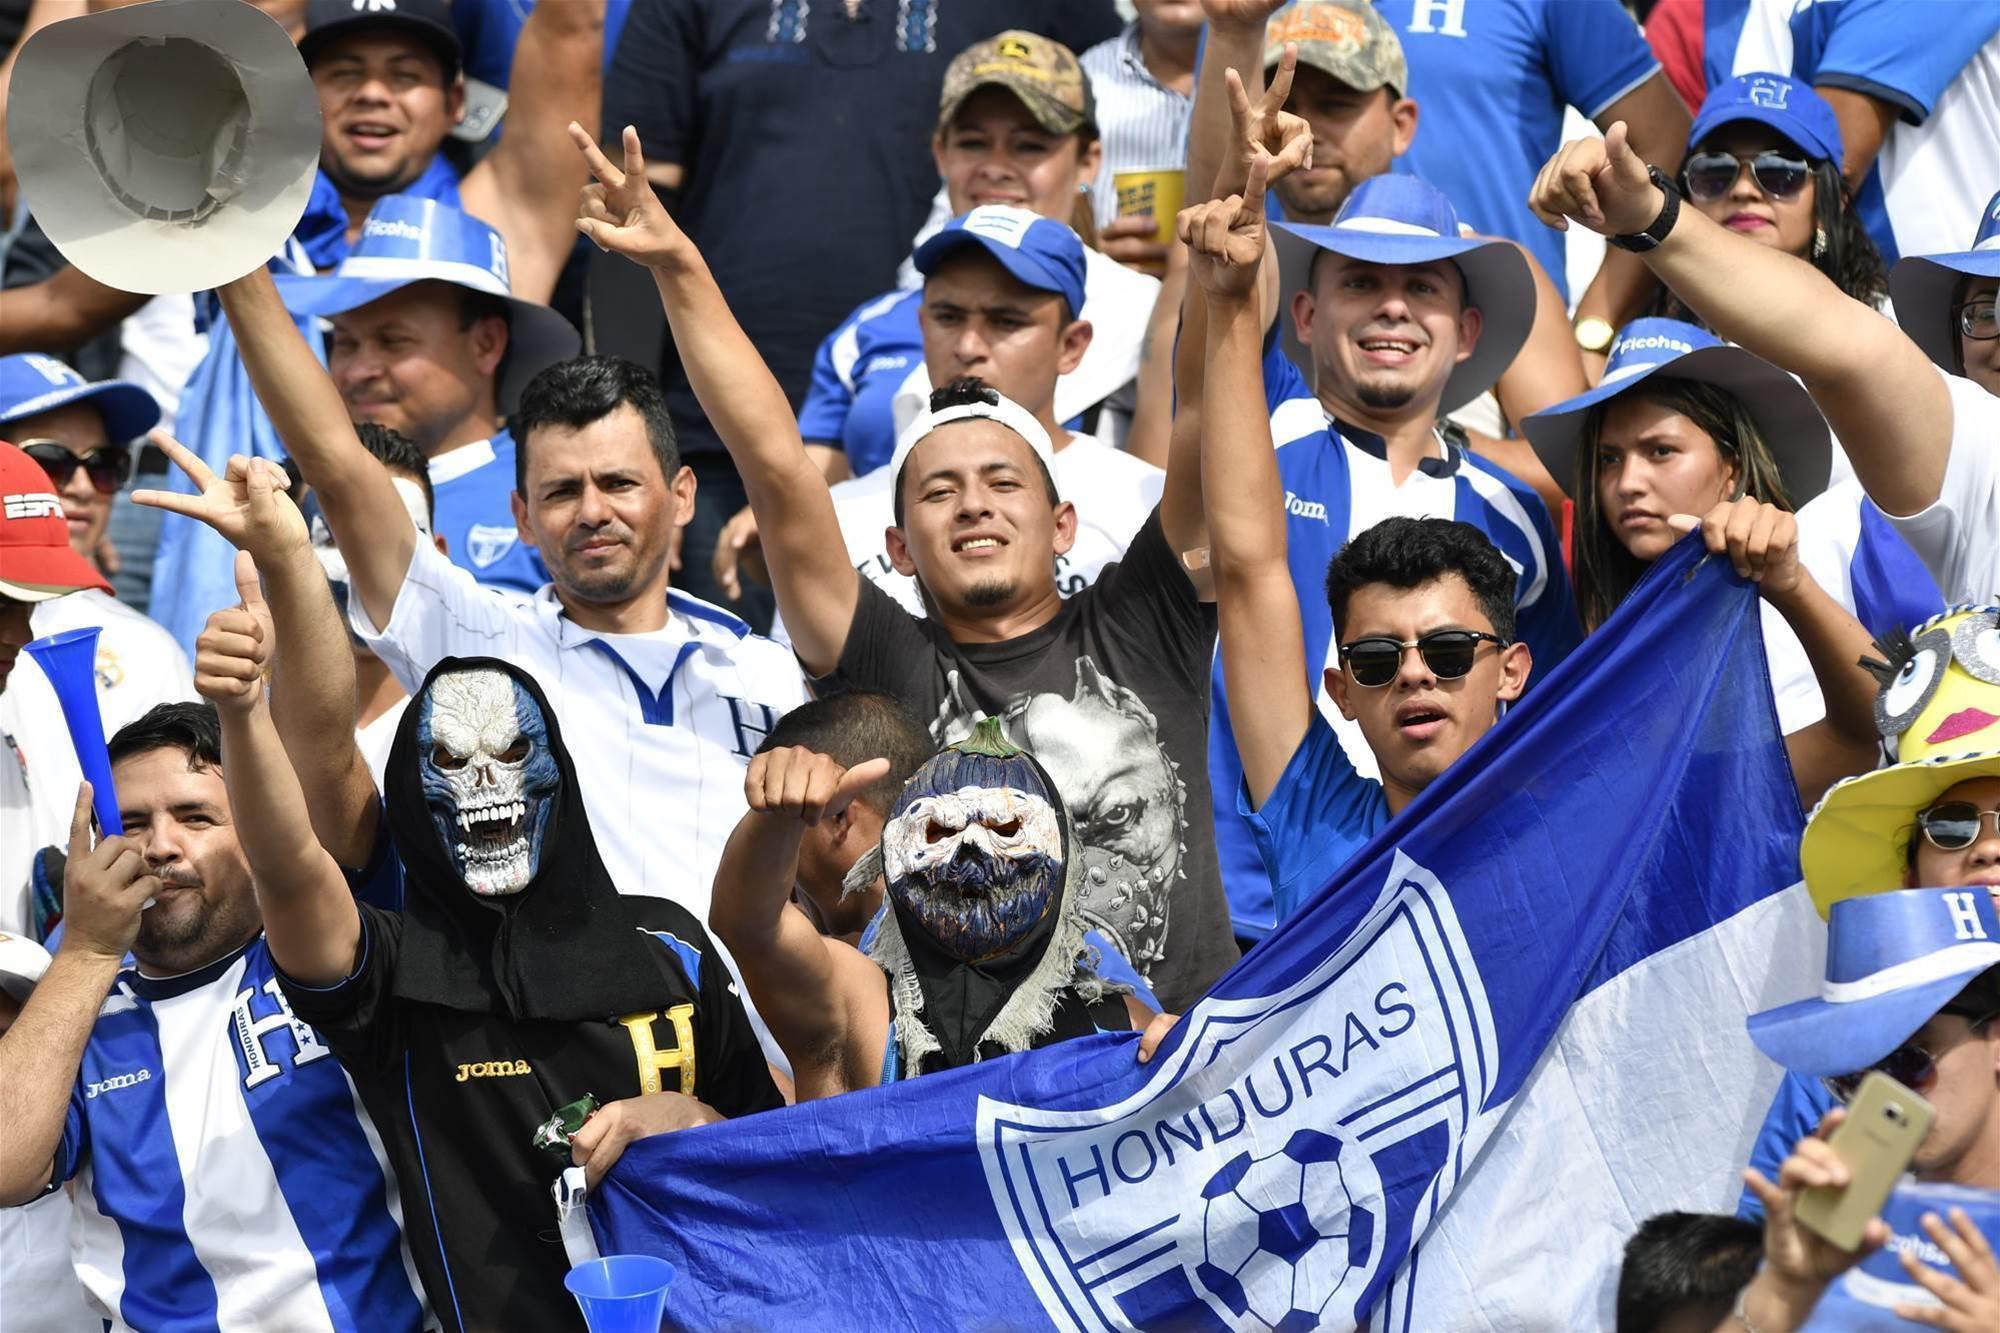 Analysis: Australia escape Honduras unscathed